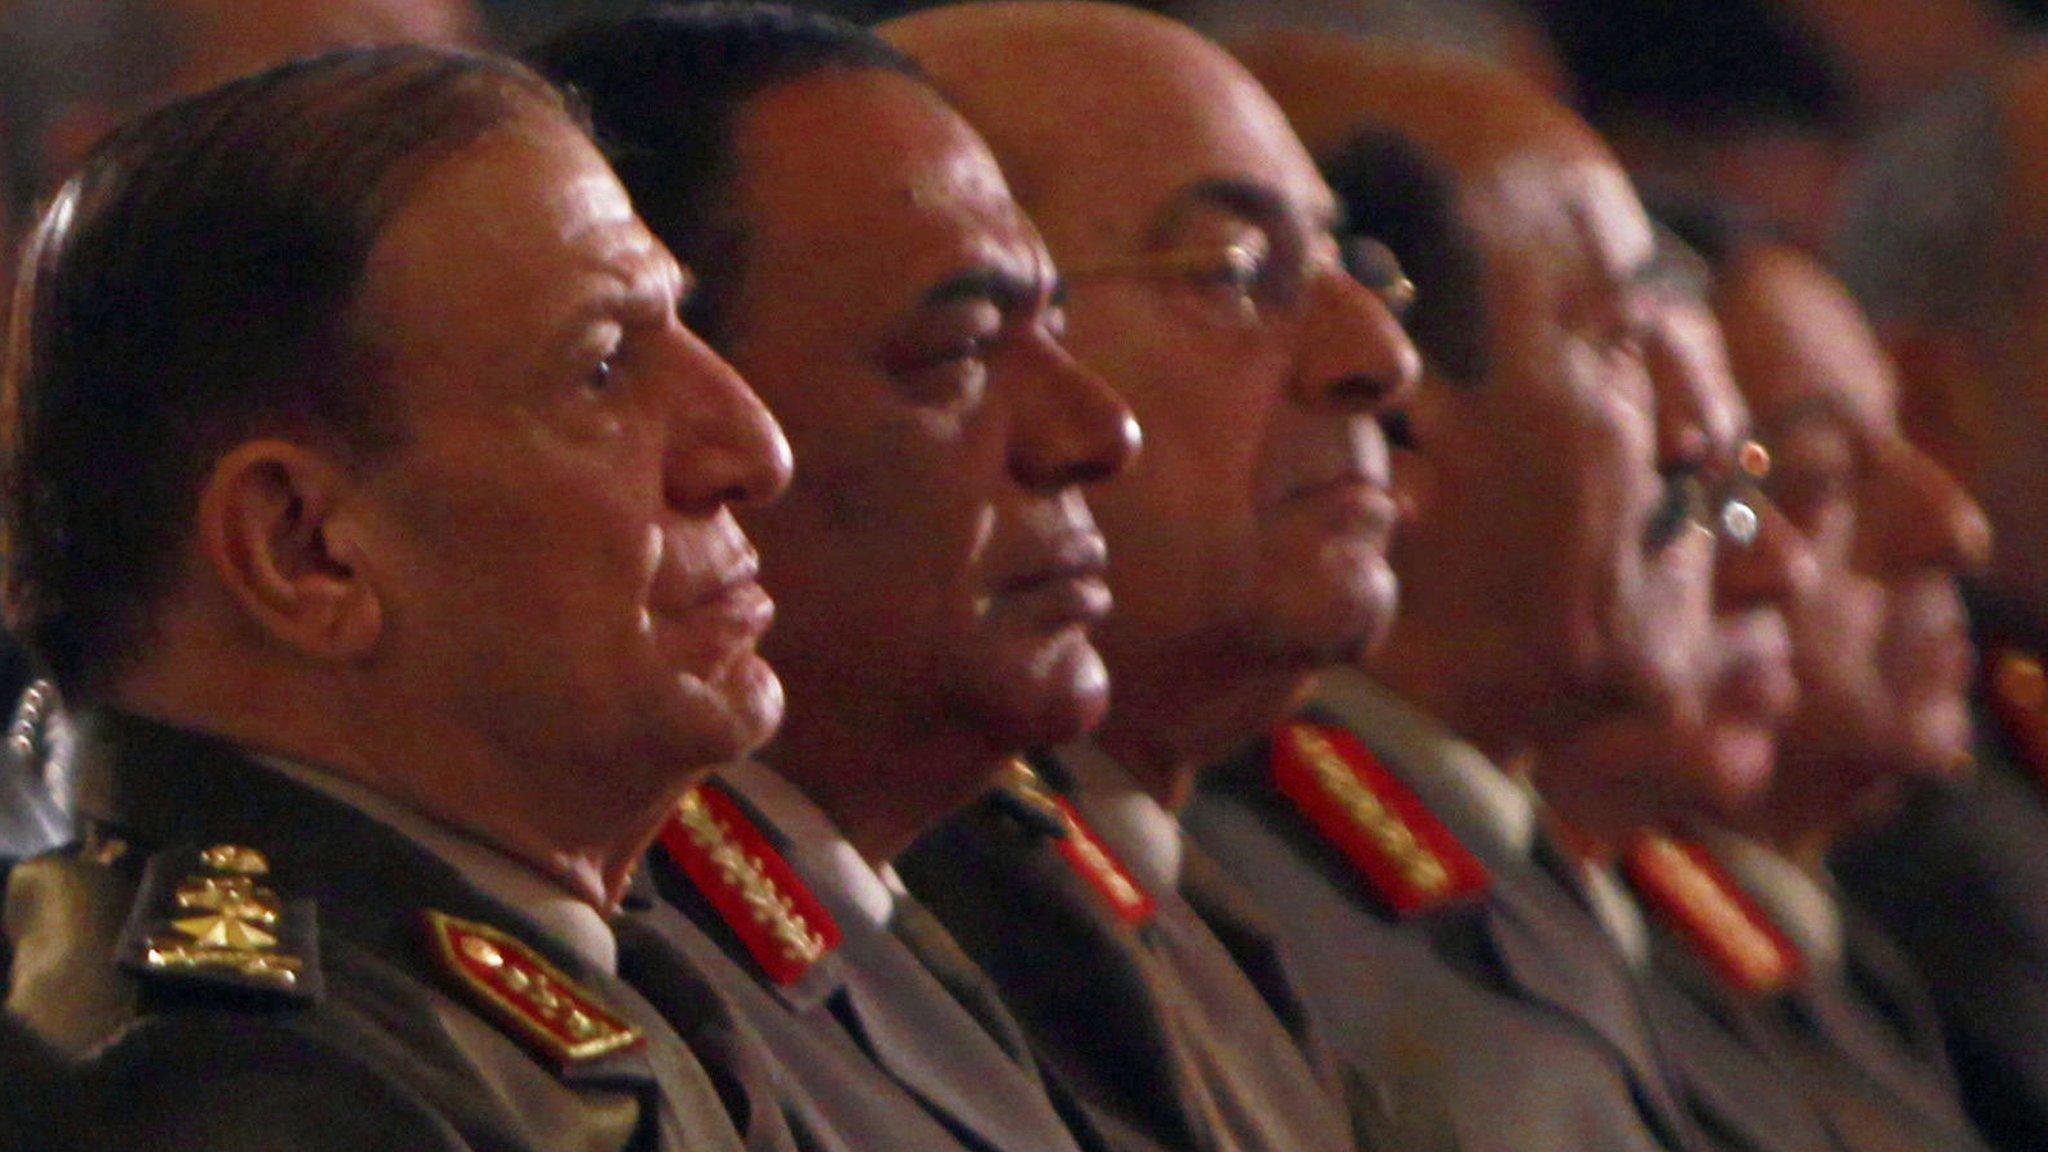 مصر: التحقيق مع سامي عنان رئيس أركان الجيش السابق واتهامه بالتزوير بعد إعلان ترشحه للرئاسة